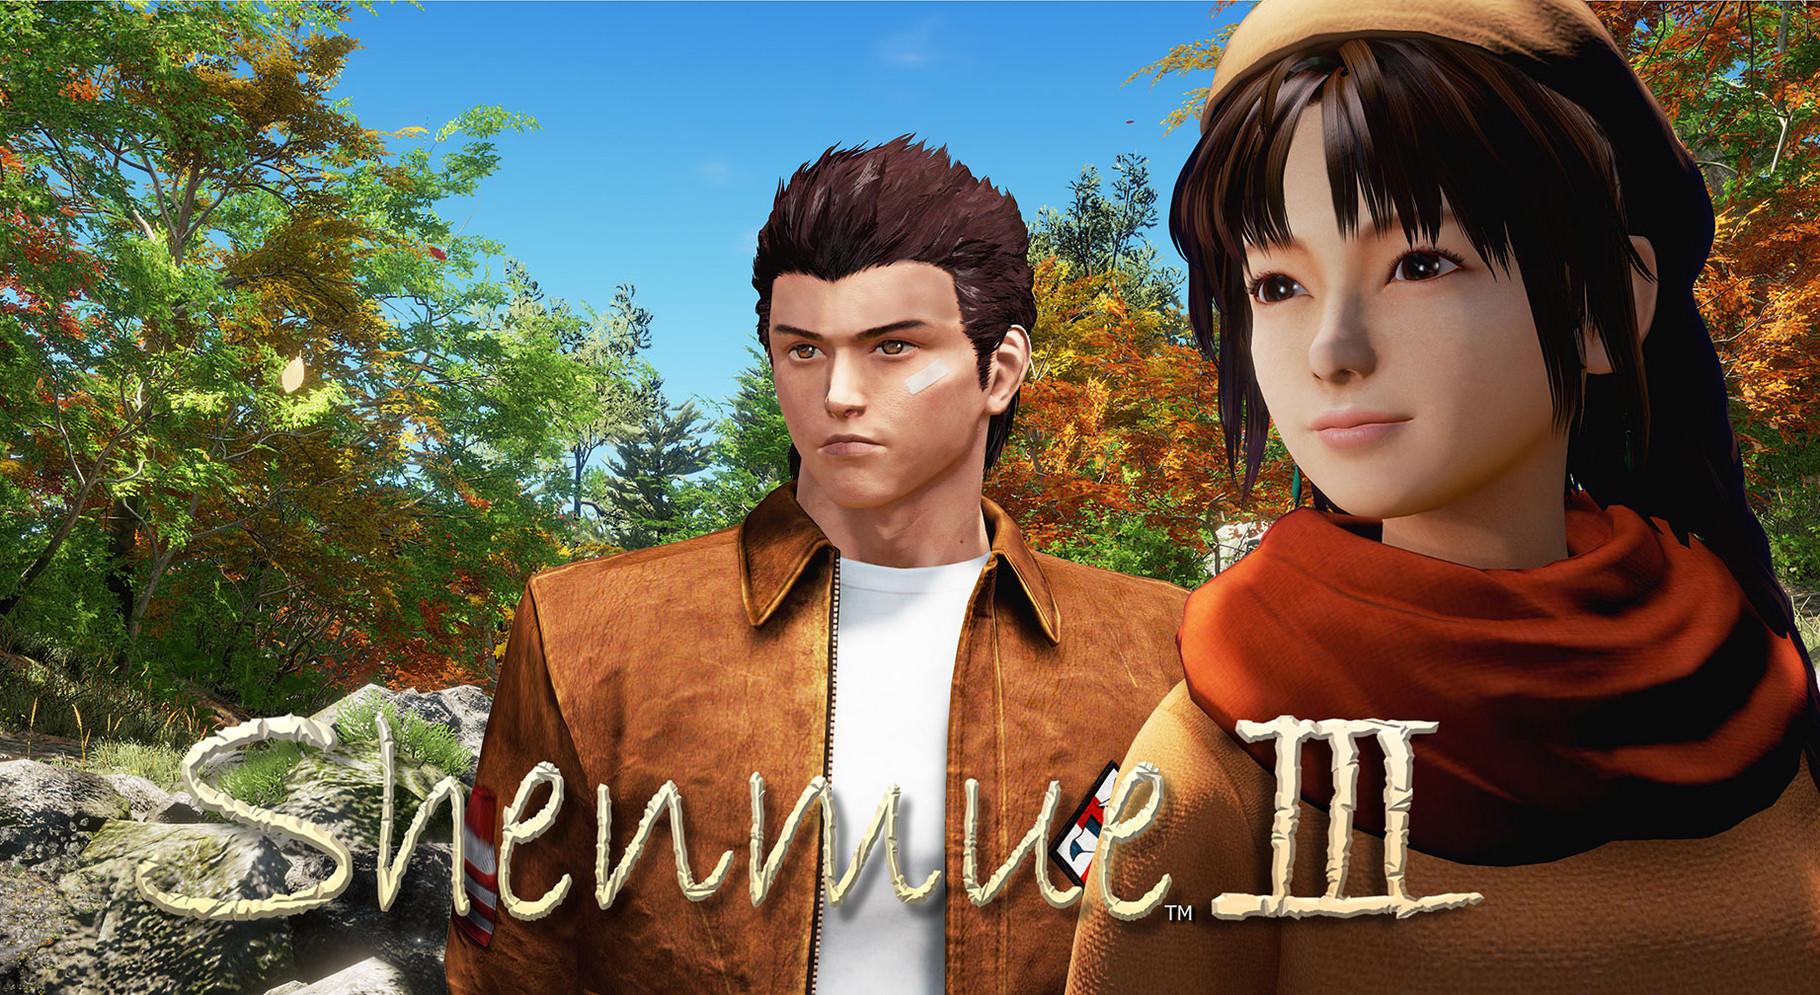 """Shen Mue 3: 14 Jahre nach Erscheinen des zweiten Teils ist es jetzt endlich soweit: Dank erfolgreicher Kickstarter-Kampagne und Sony-Millionen entsteht """"Shen Mue 3"""", und zwar PS4-exklusiv."""